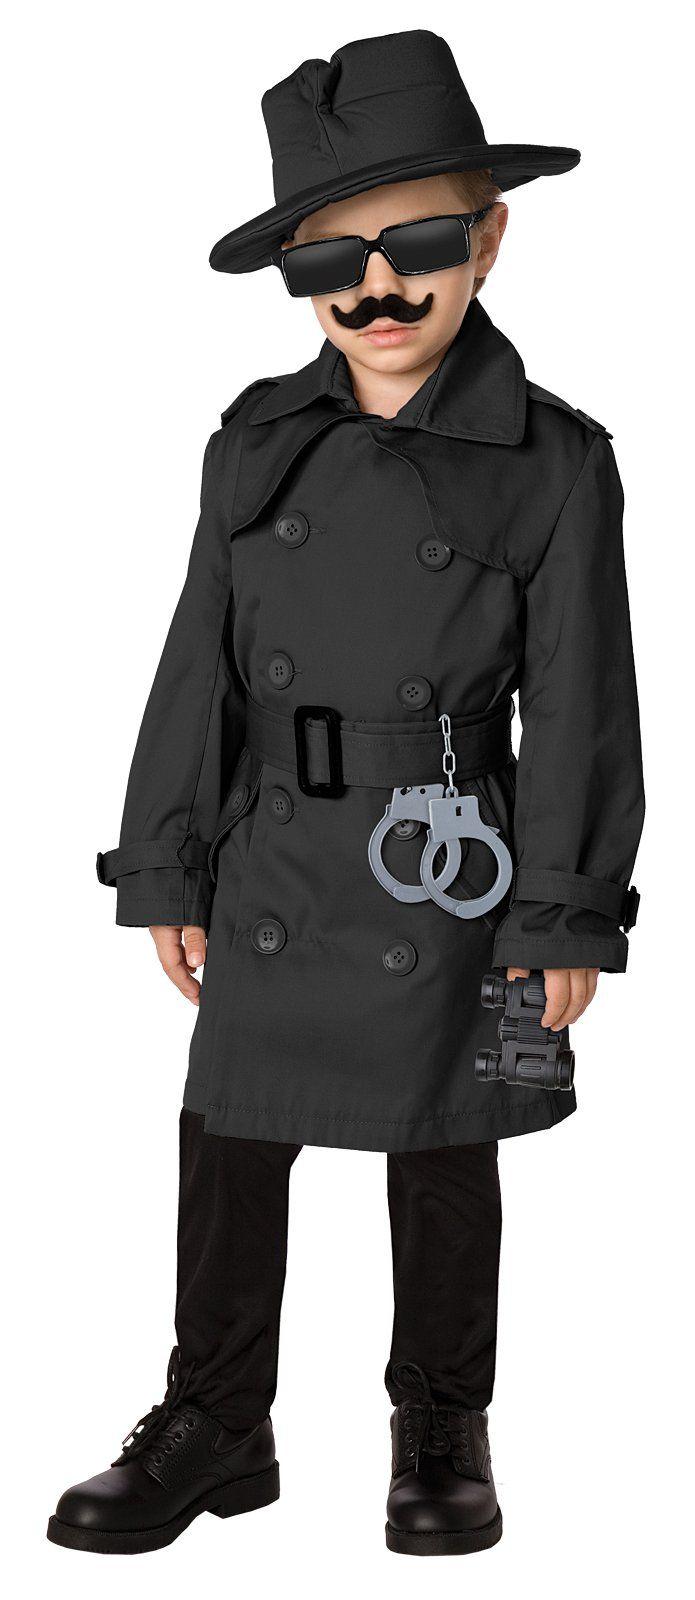 Spy Kids Costume Kit, 801135